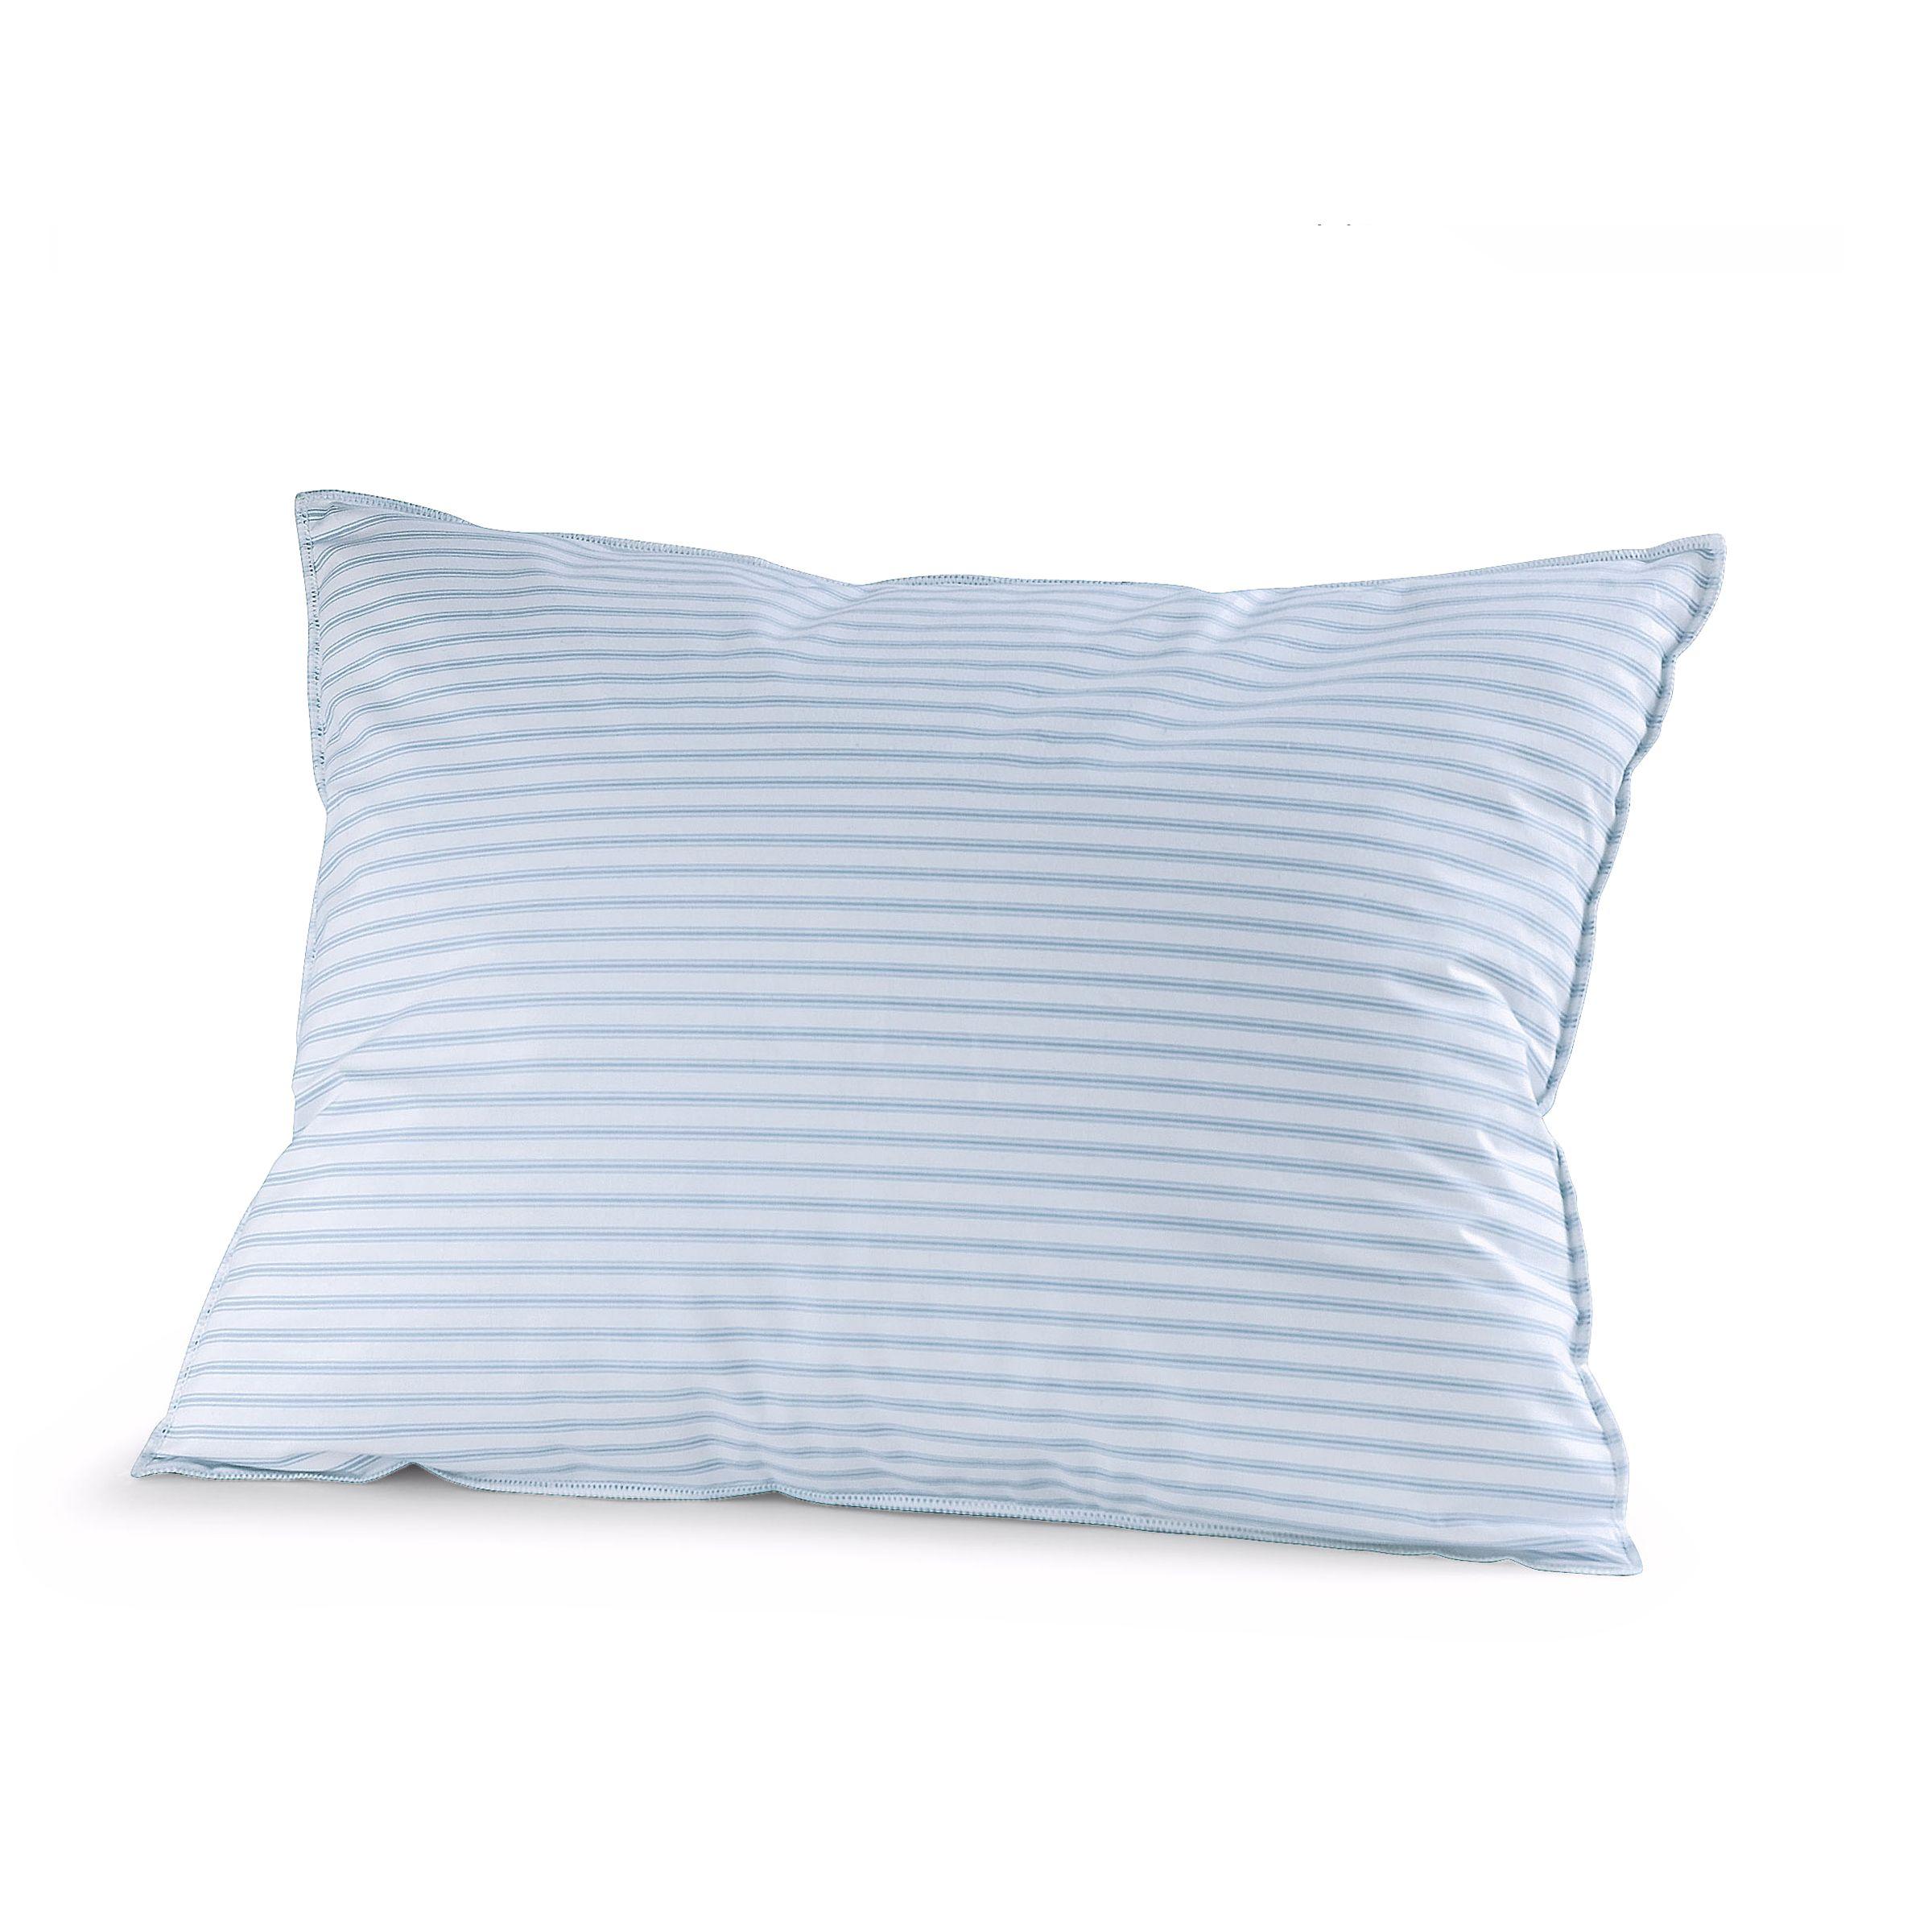 cannon pillows kmart online